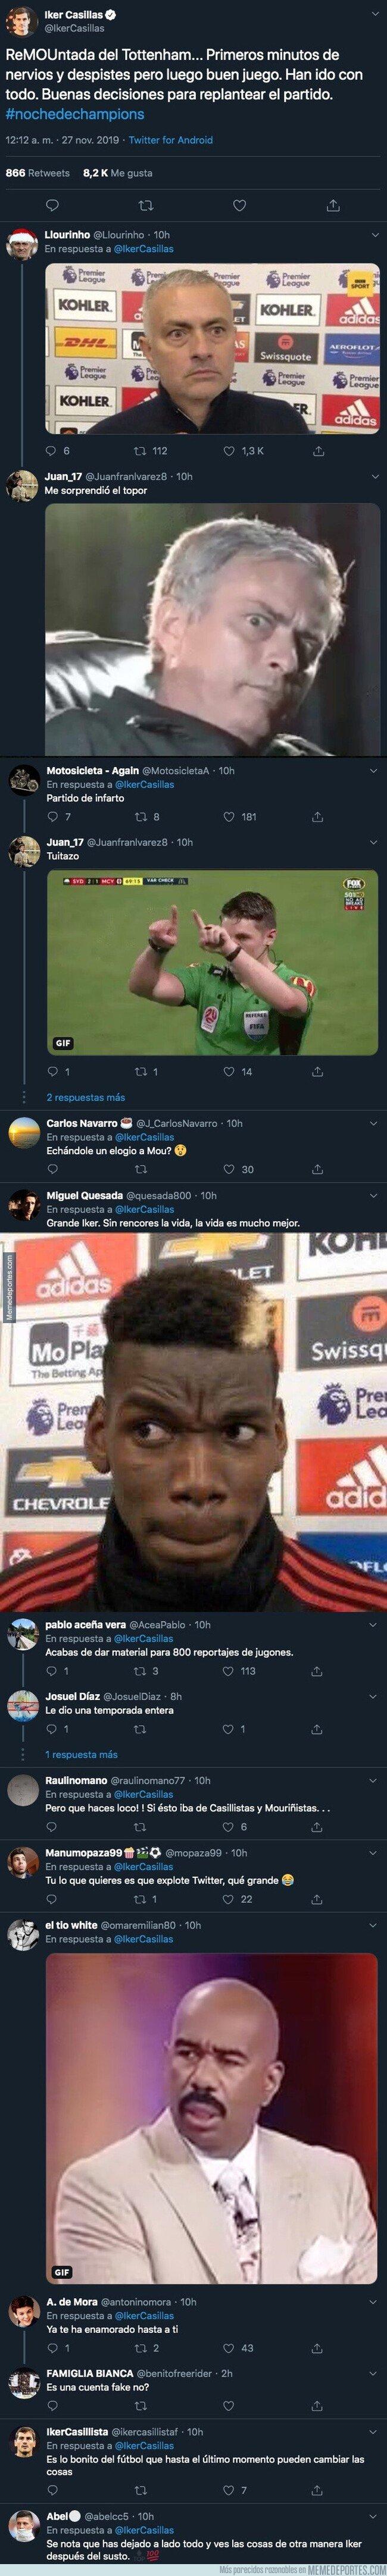 1092131 - Iker Casillas sorprende a todo el mundo tuiteando esto sobre Mourinho al terminar el partido del Tottenham en Champions